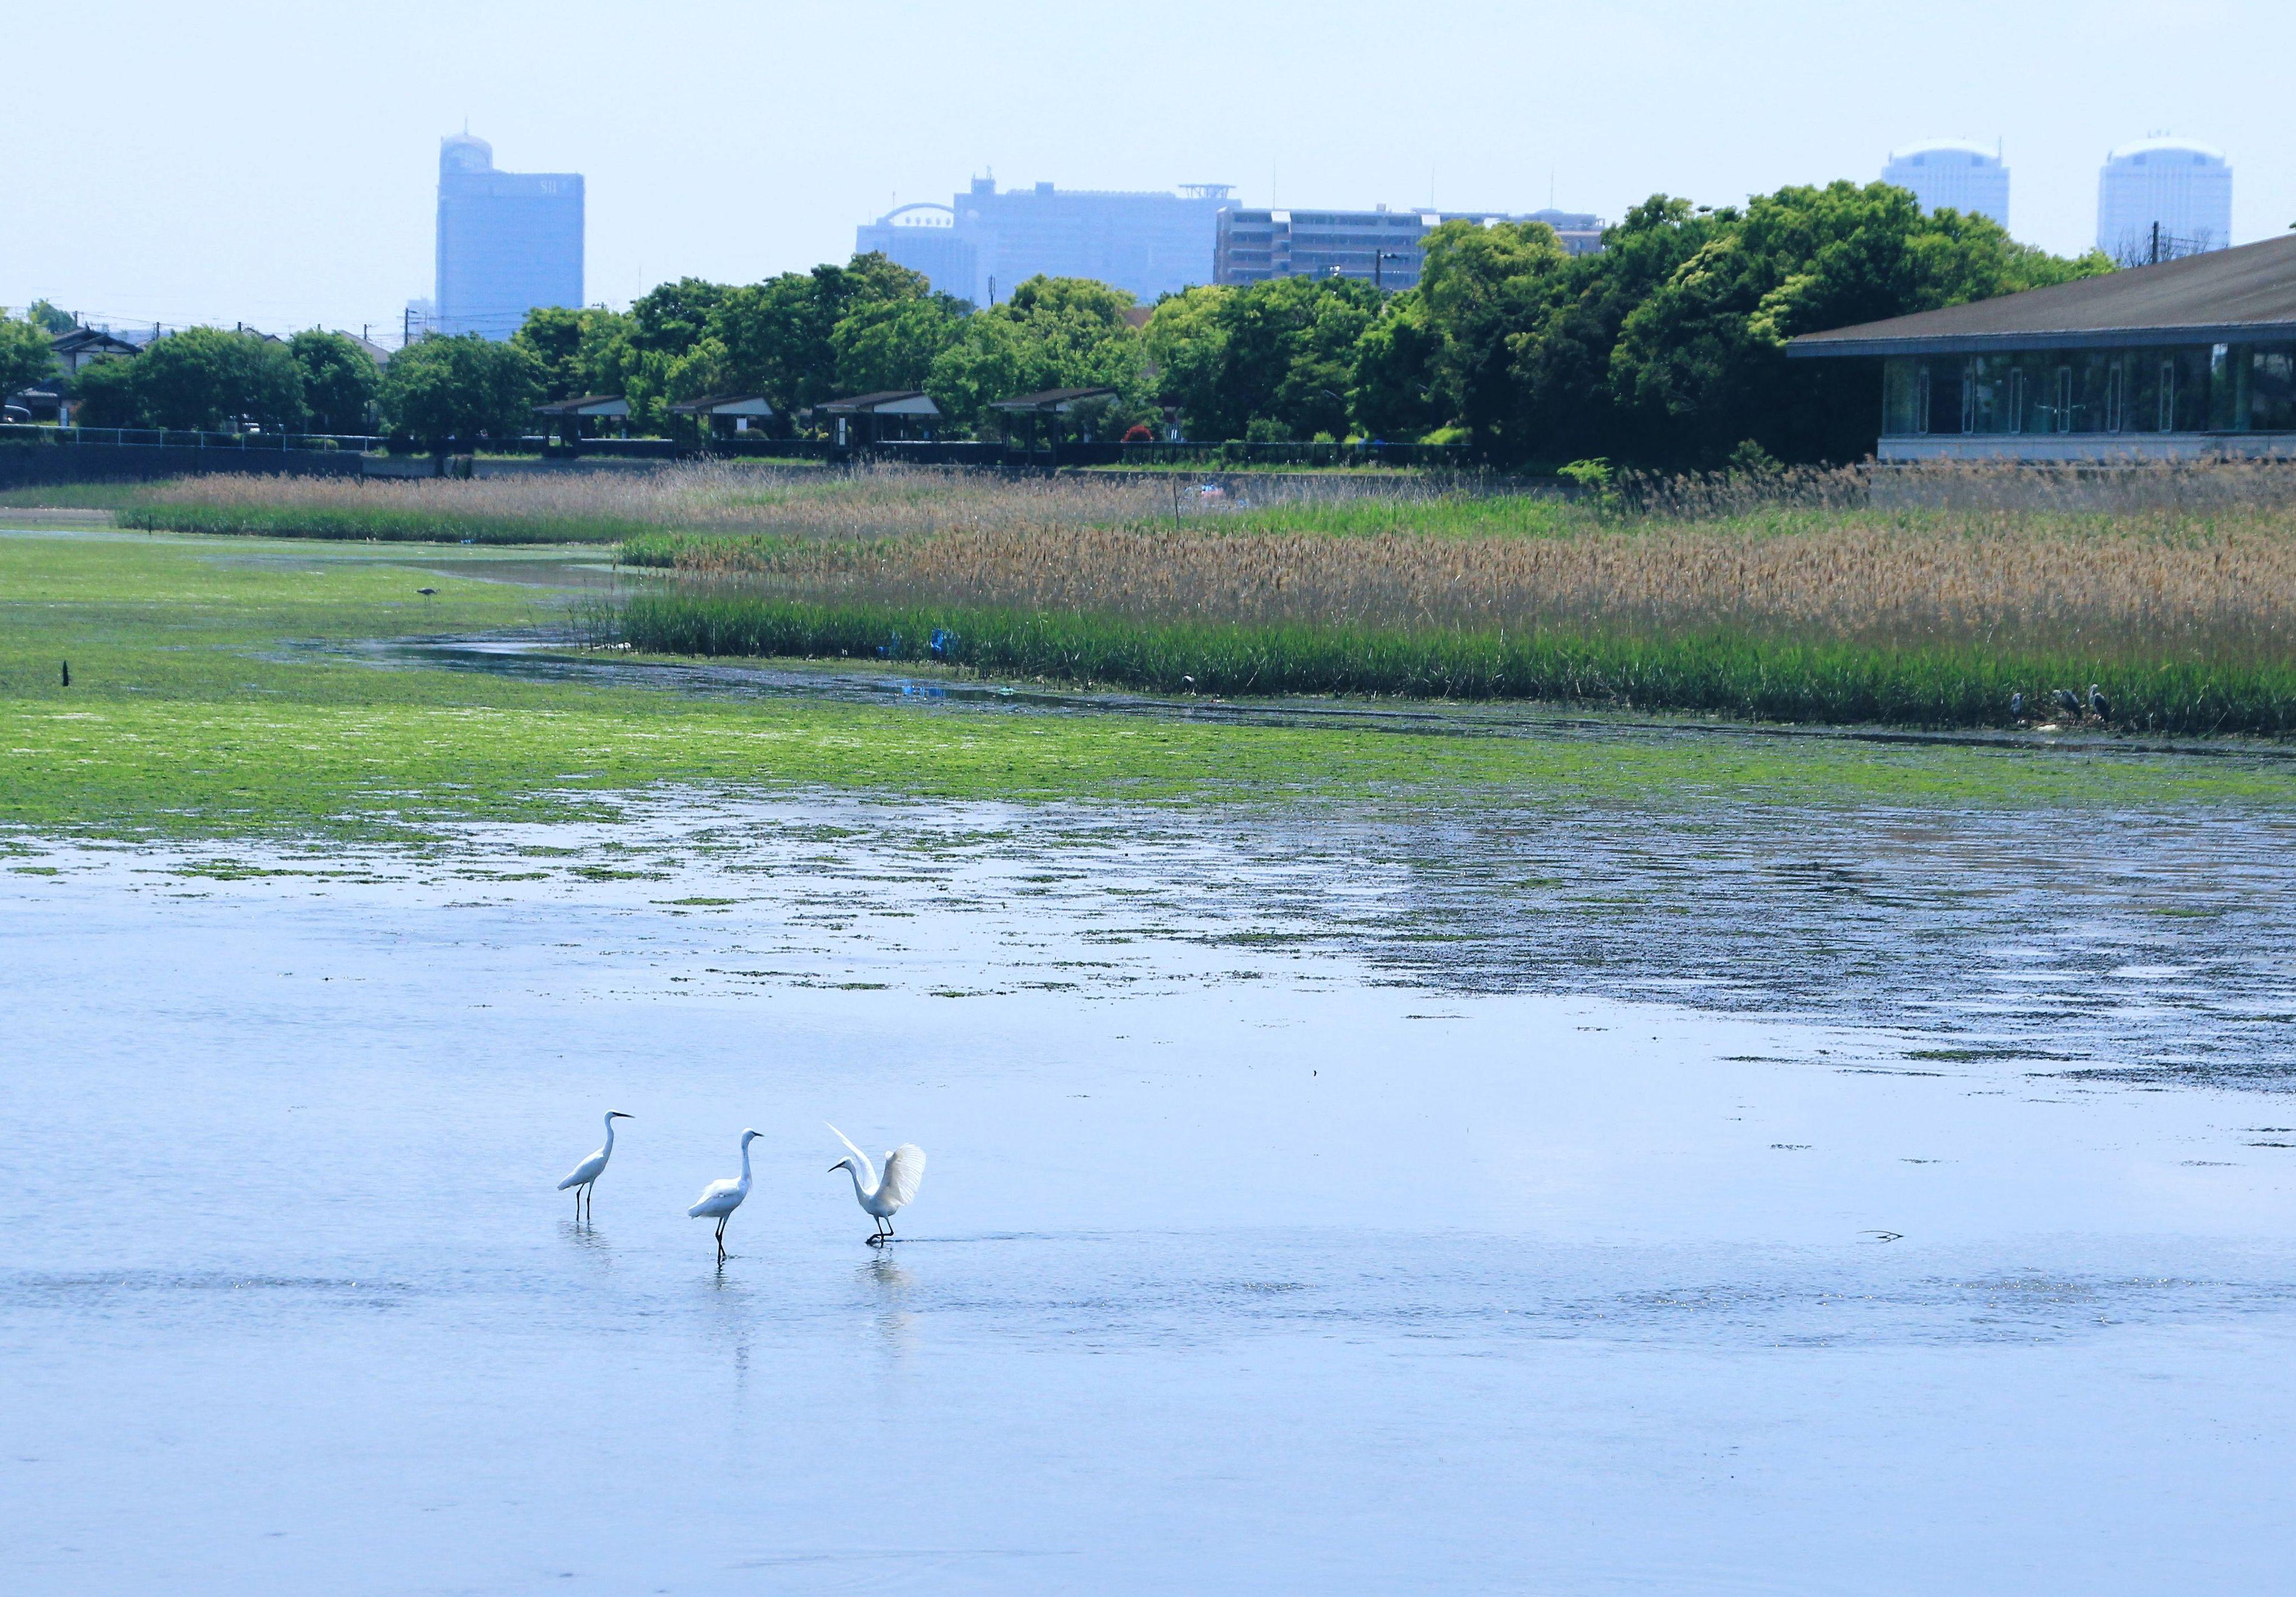 谷津干潟で野鳥を観察しよう!豊かな自然に施設も完備!潮干狩りも!